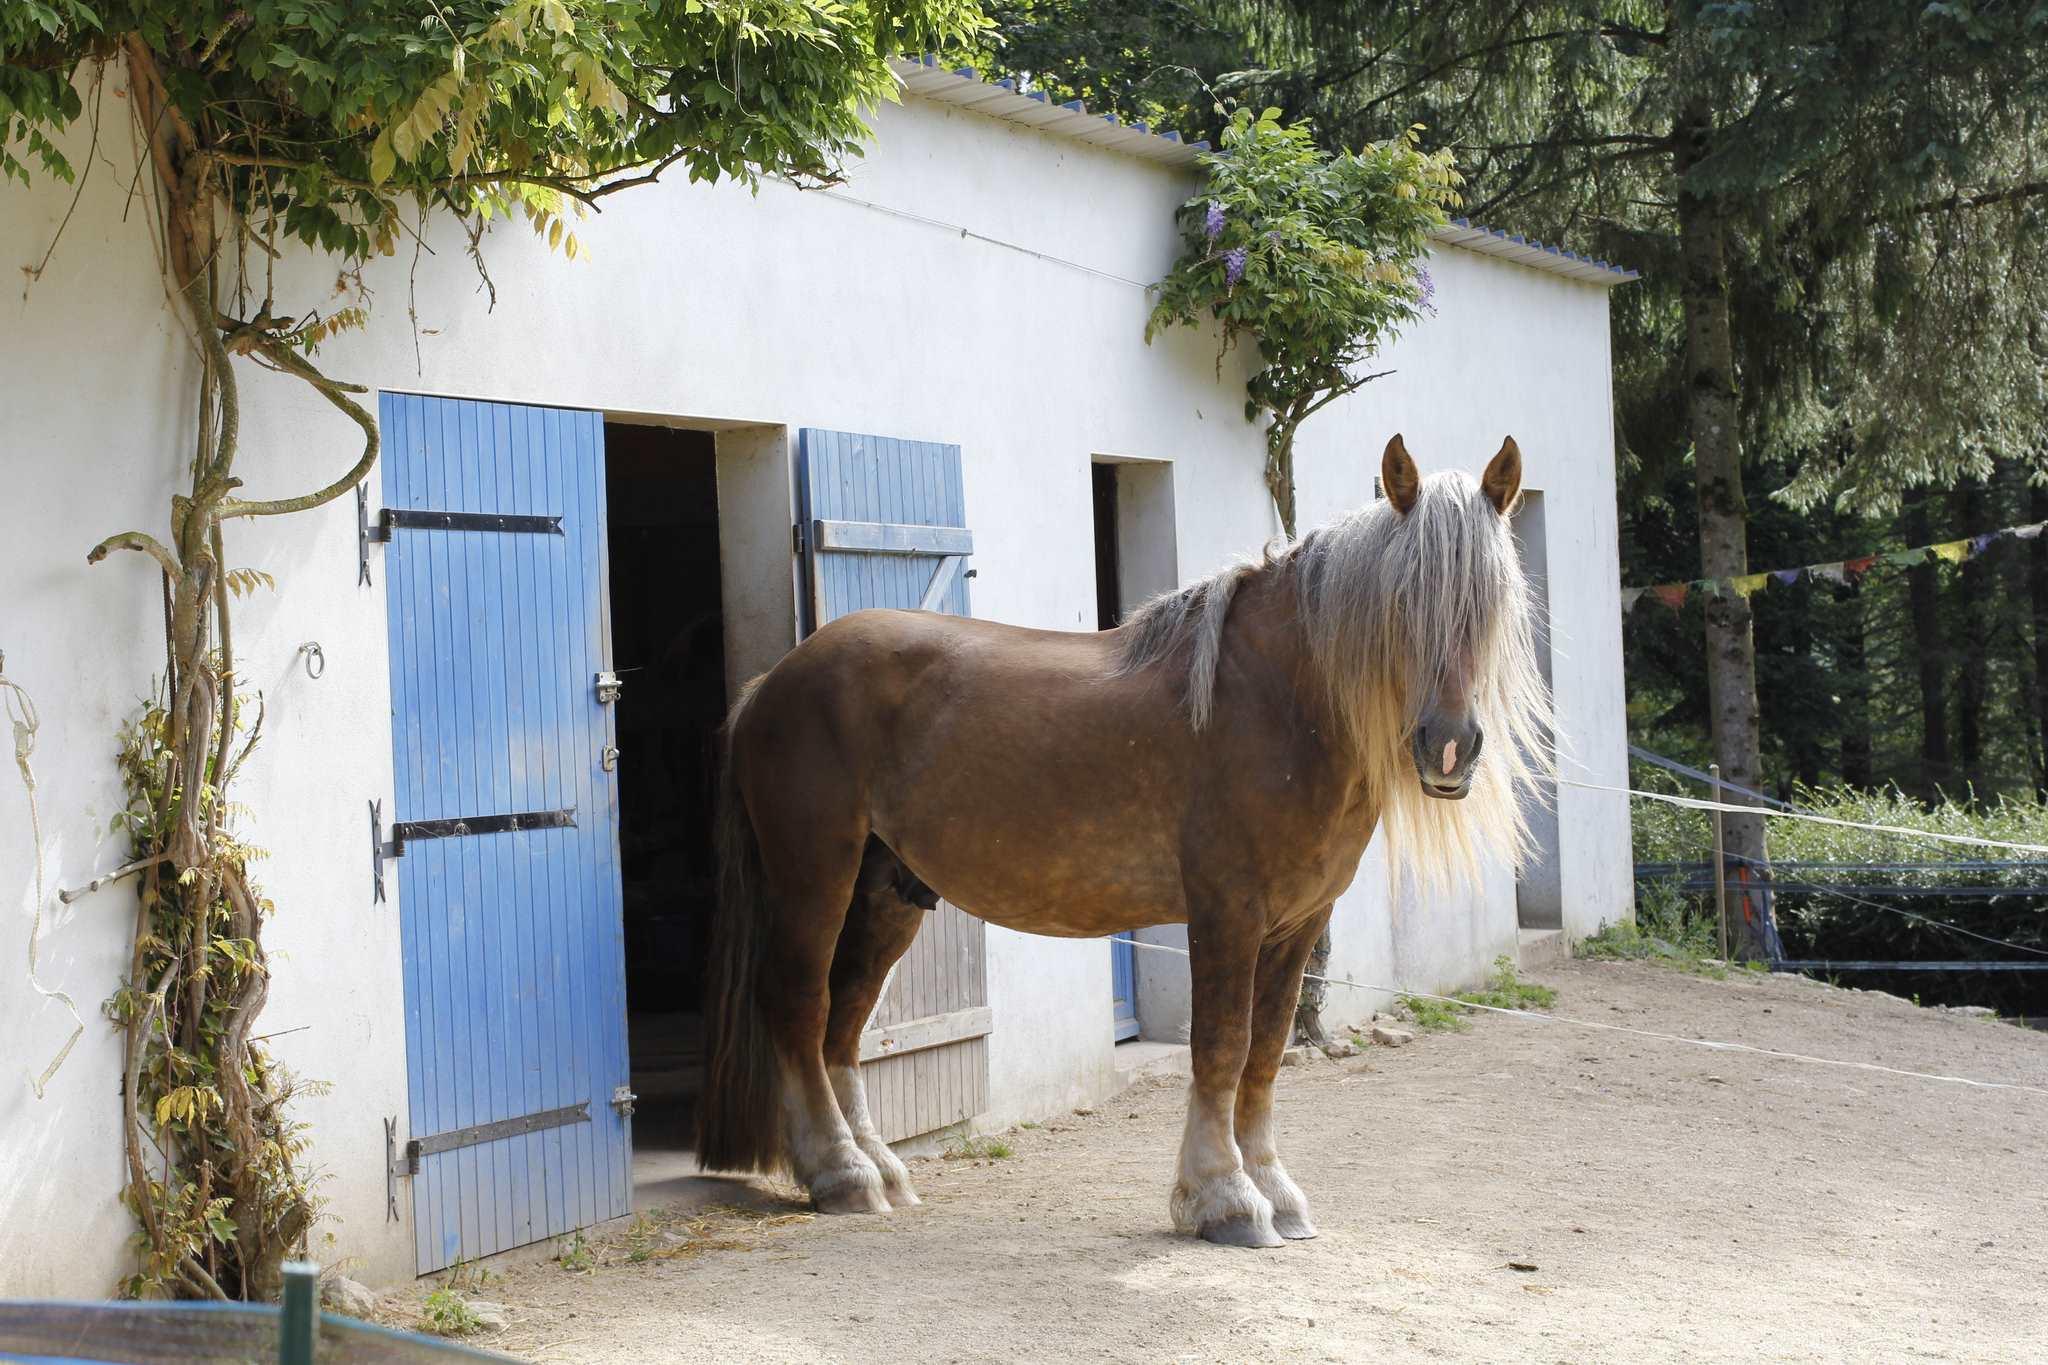 Sire devant les écuries des chevaux d'arcand